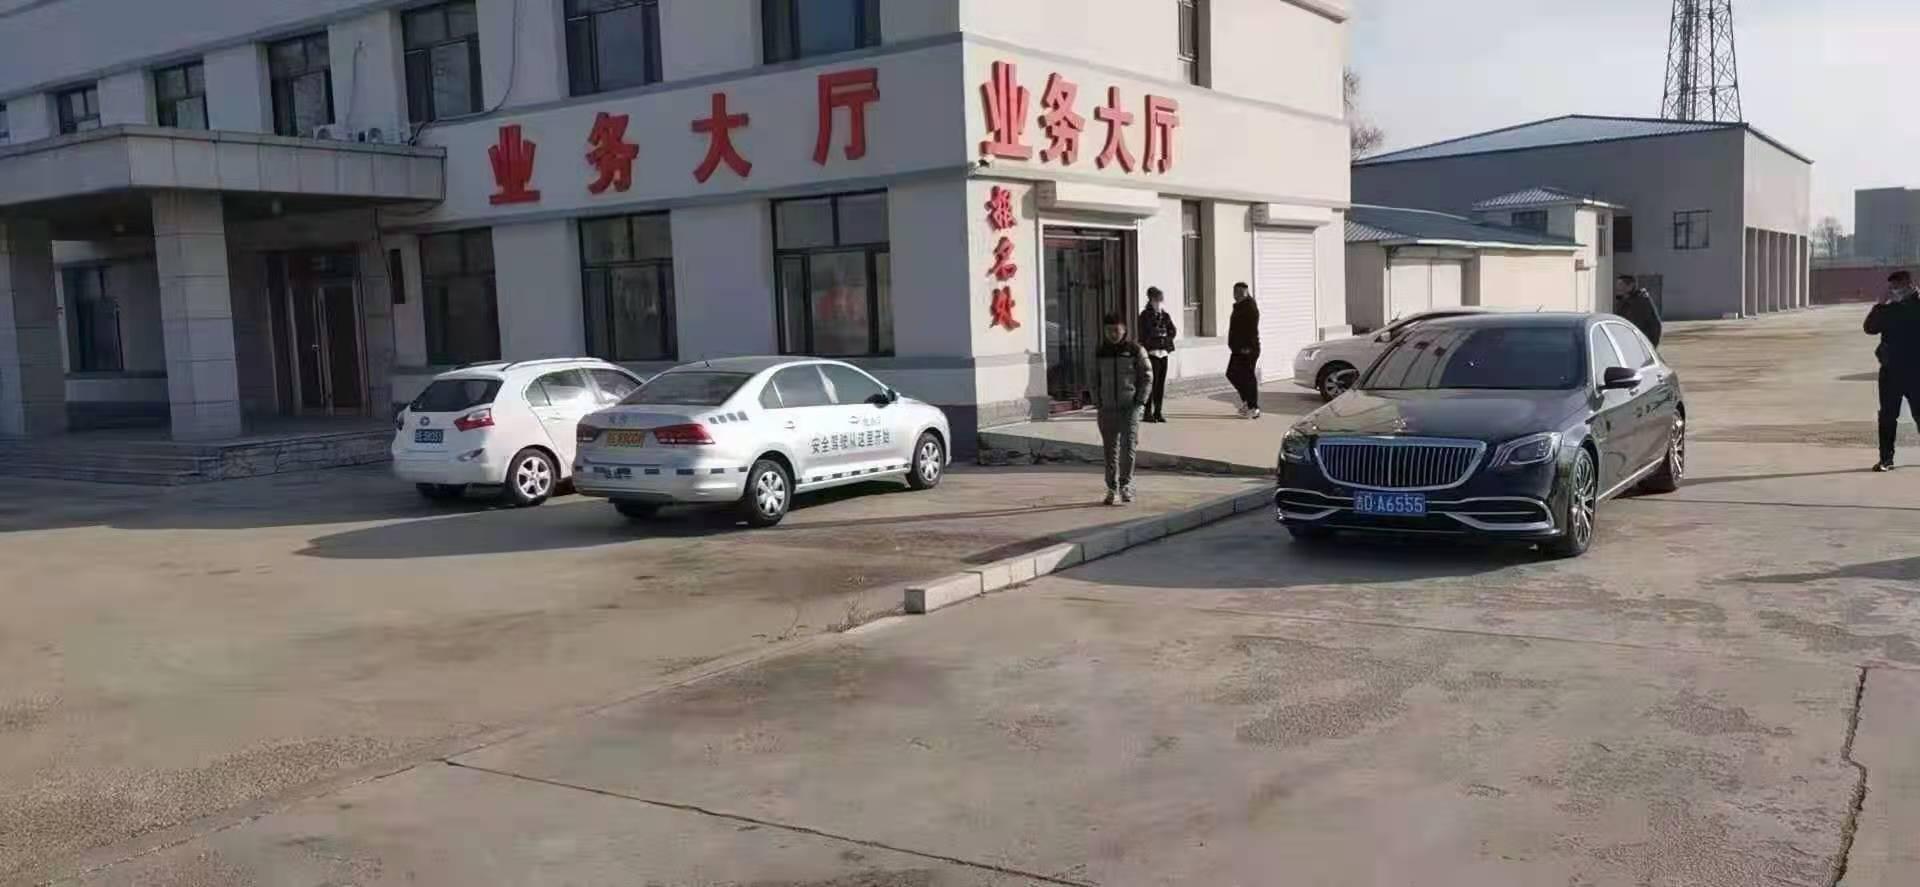 梅河口慧翔驾校